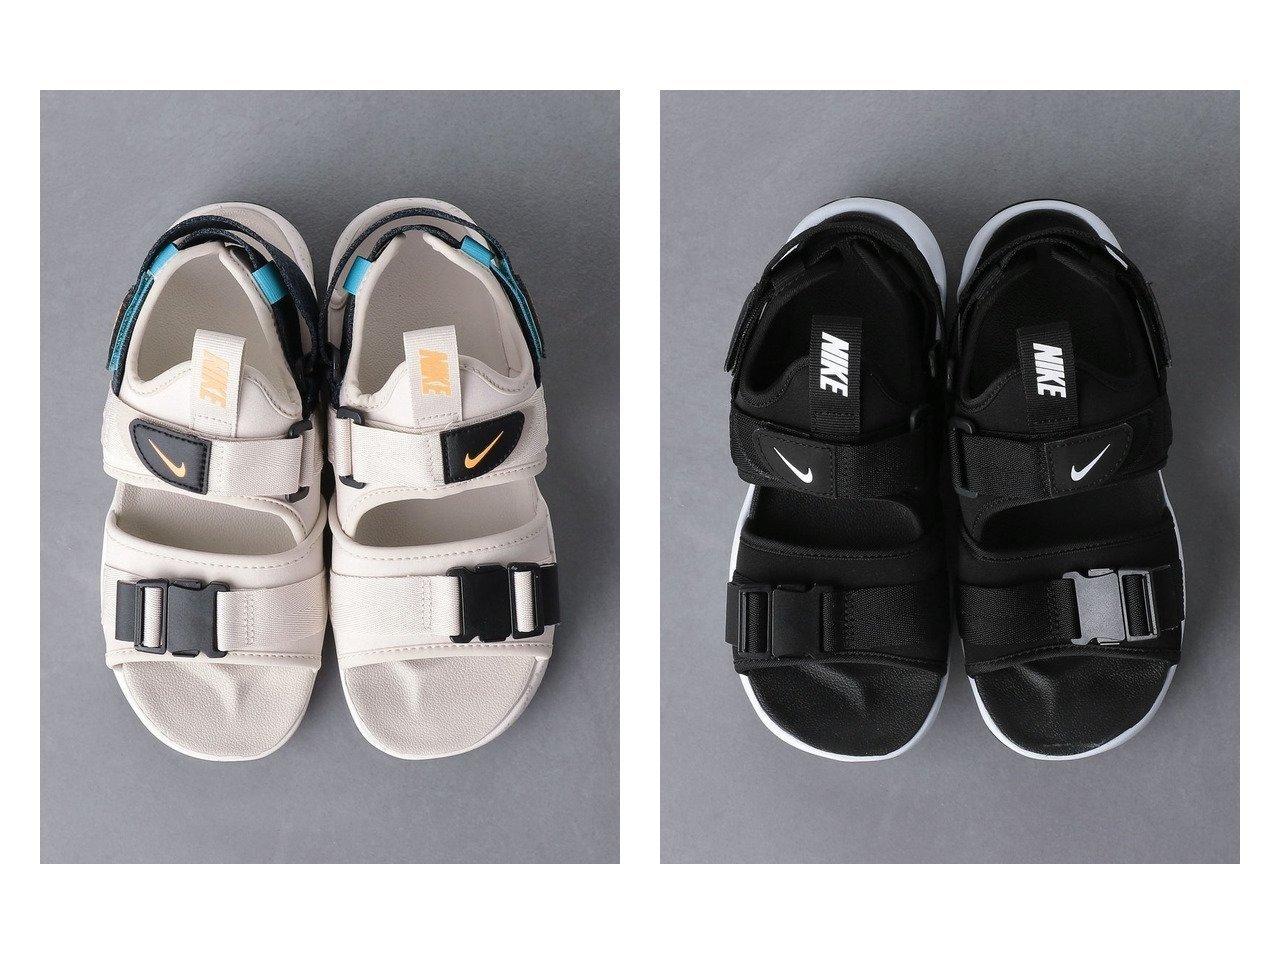 【UNITED ARROWS/ユナイテッドアローズ】のNIKE(ナイキ) キャニオン サンダル 【シューズ・靴】おすすめ!人気トレンド・レディースファッション通販 おすすめで人気の流行・トレンド、ファッションの通販商品 インテリア・家具・メンズファッション・キッズファッション・レディースファッション・服の通販 founy(ファニー) https://founy.com/ ファッション Fashion レディースファッション WOMEN NEW・新作・新着・新入荷 New Arrivals サンダル シューズ ミュール |ID:crp329100000051527